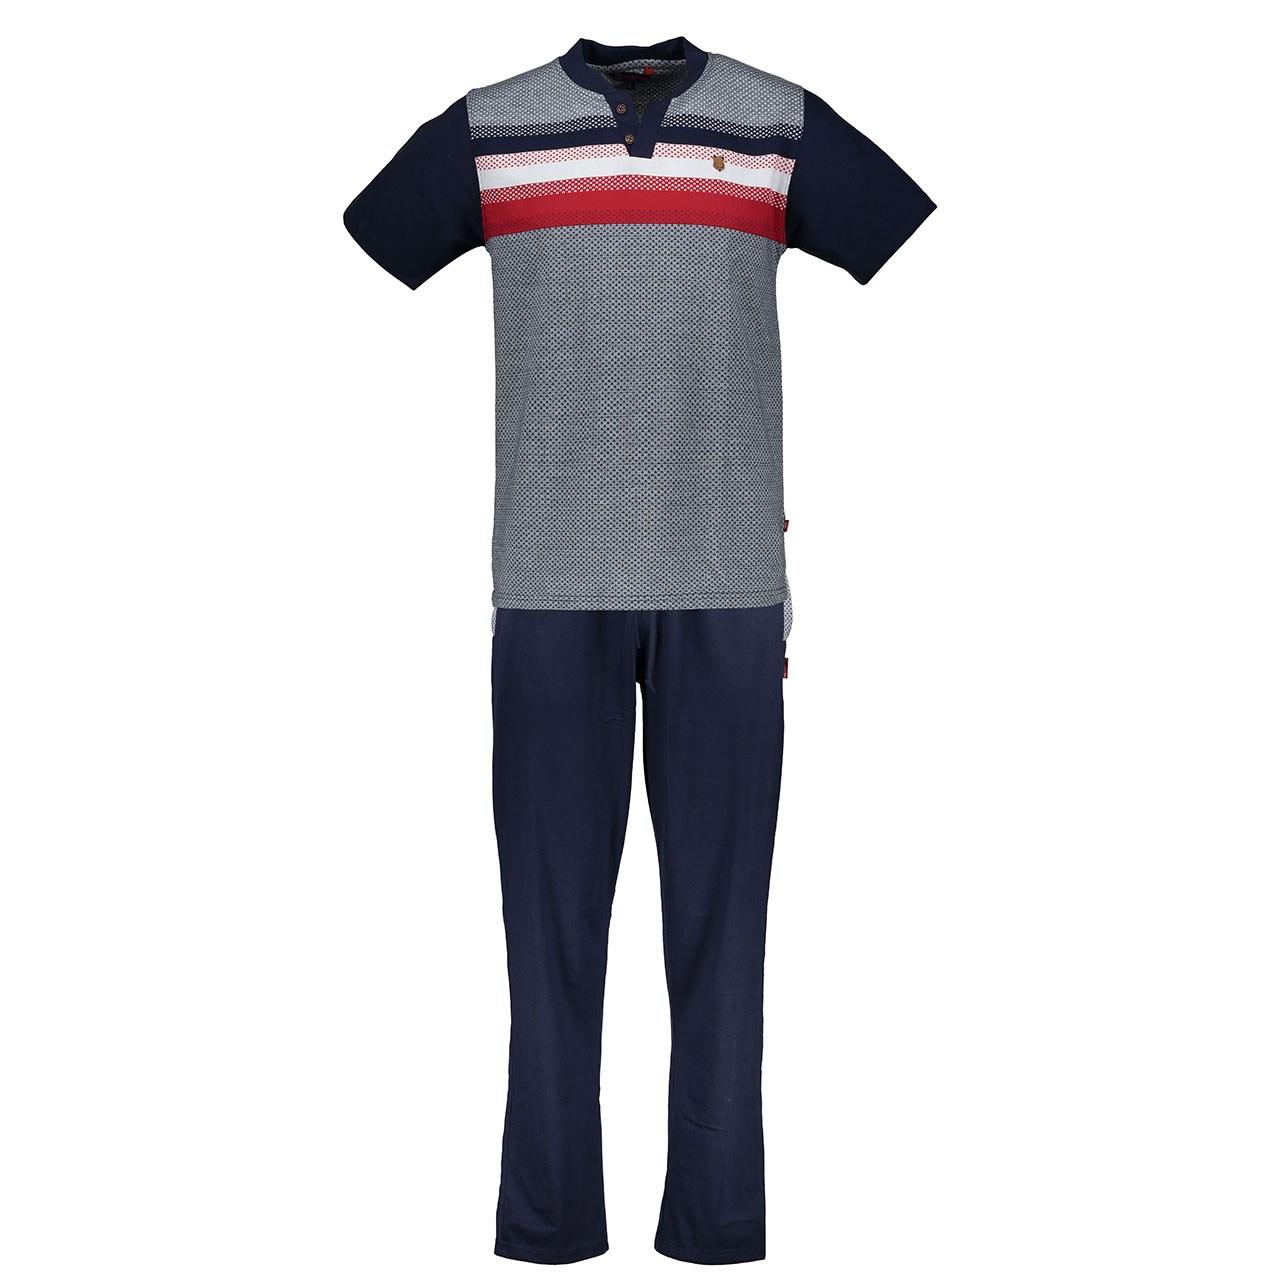 ست تی شرت و شلوار مردانه پی جامه مدل 2155